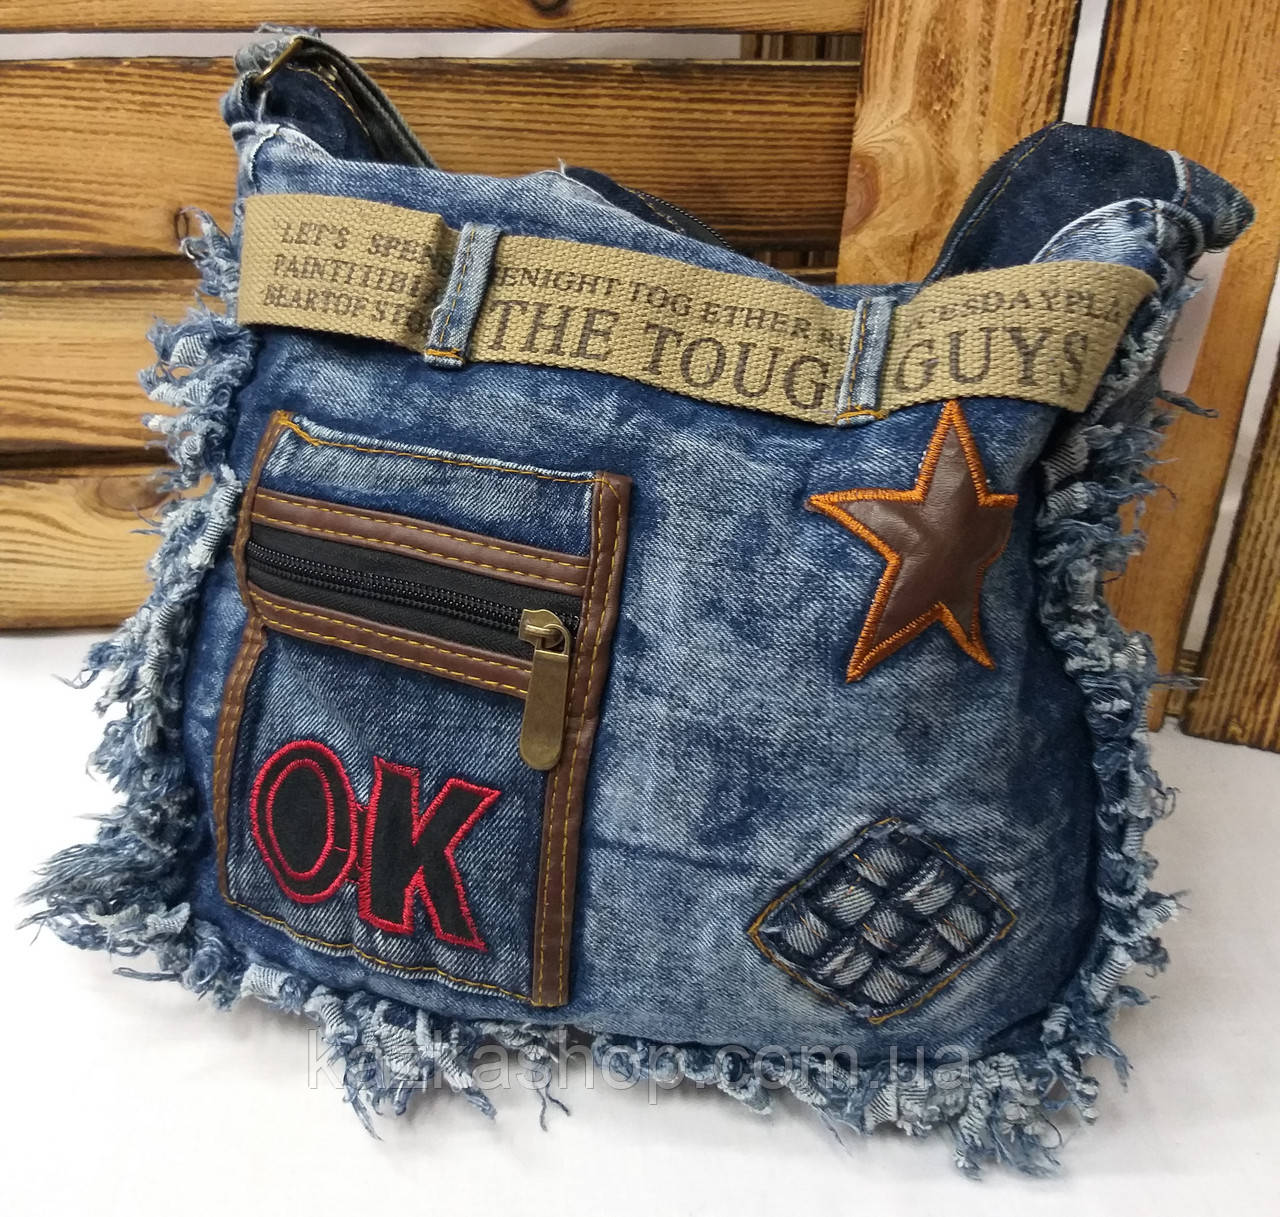 Джинсовая, текстильная сумка, прогулочная, с подкладом, один отдел, с плечевым регулируемым ремнем, вышивка